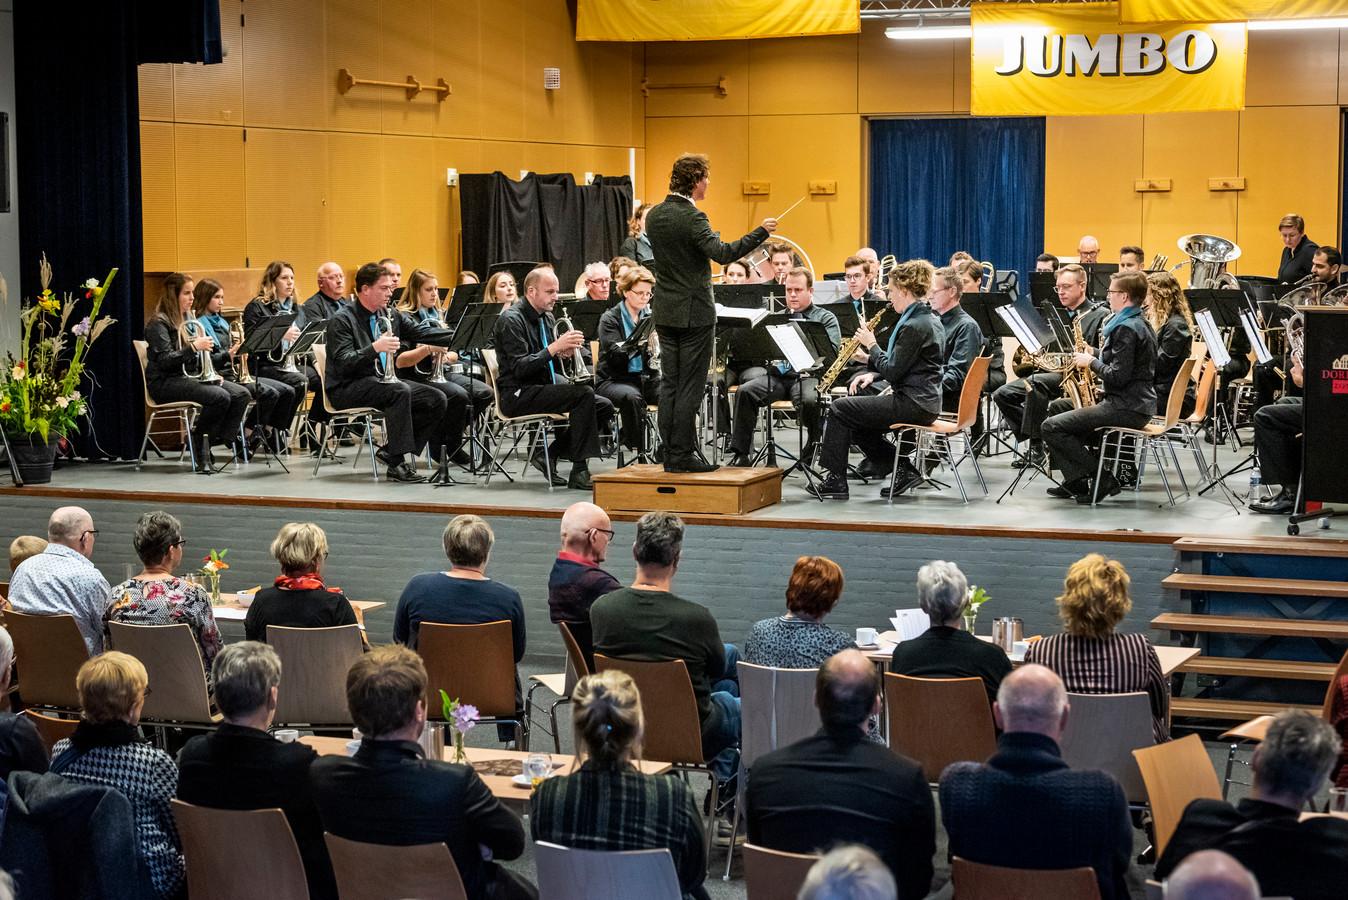 In 't Klooster is dit weekend het Jumbo muziekfestival, met optredens uit de verre regio. Op de foto titelverdediger Zijtaart.